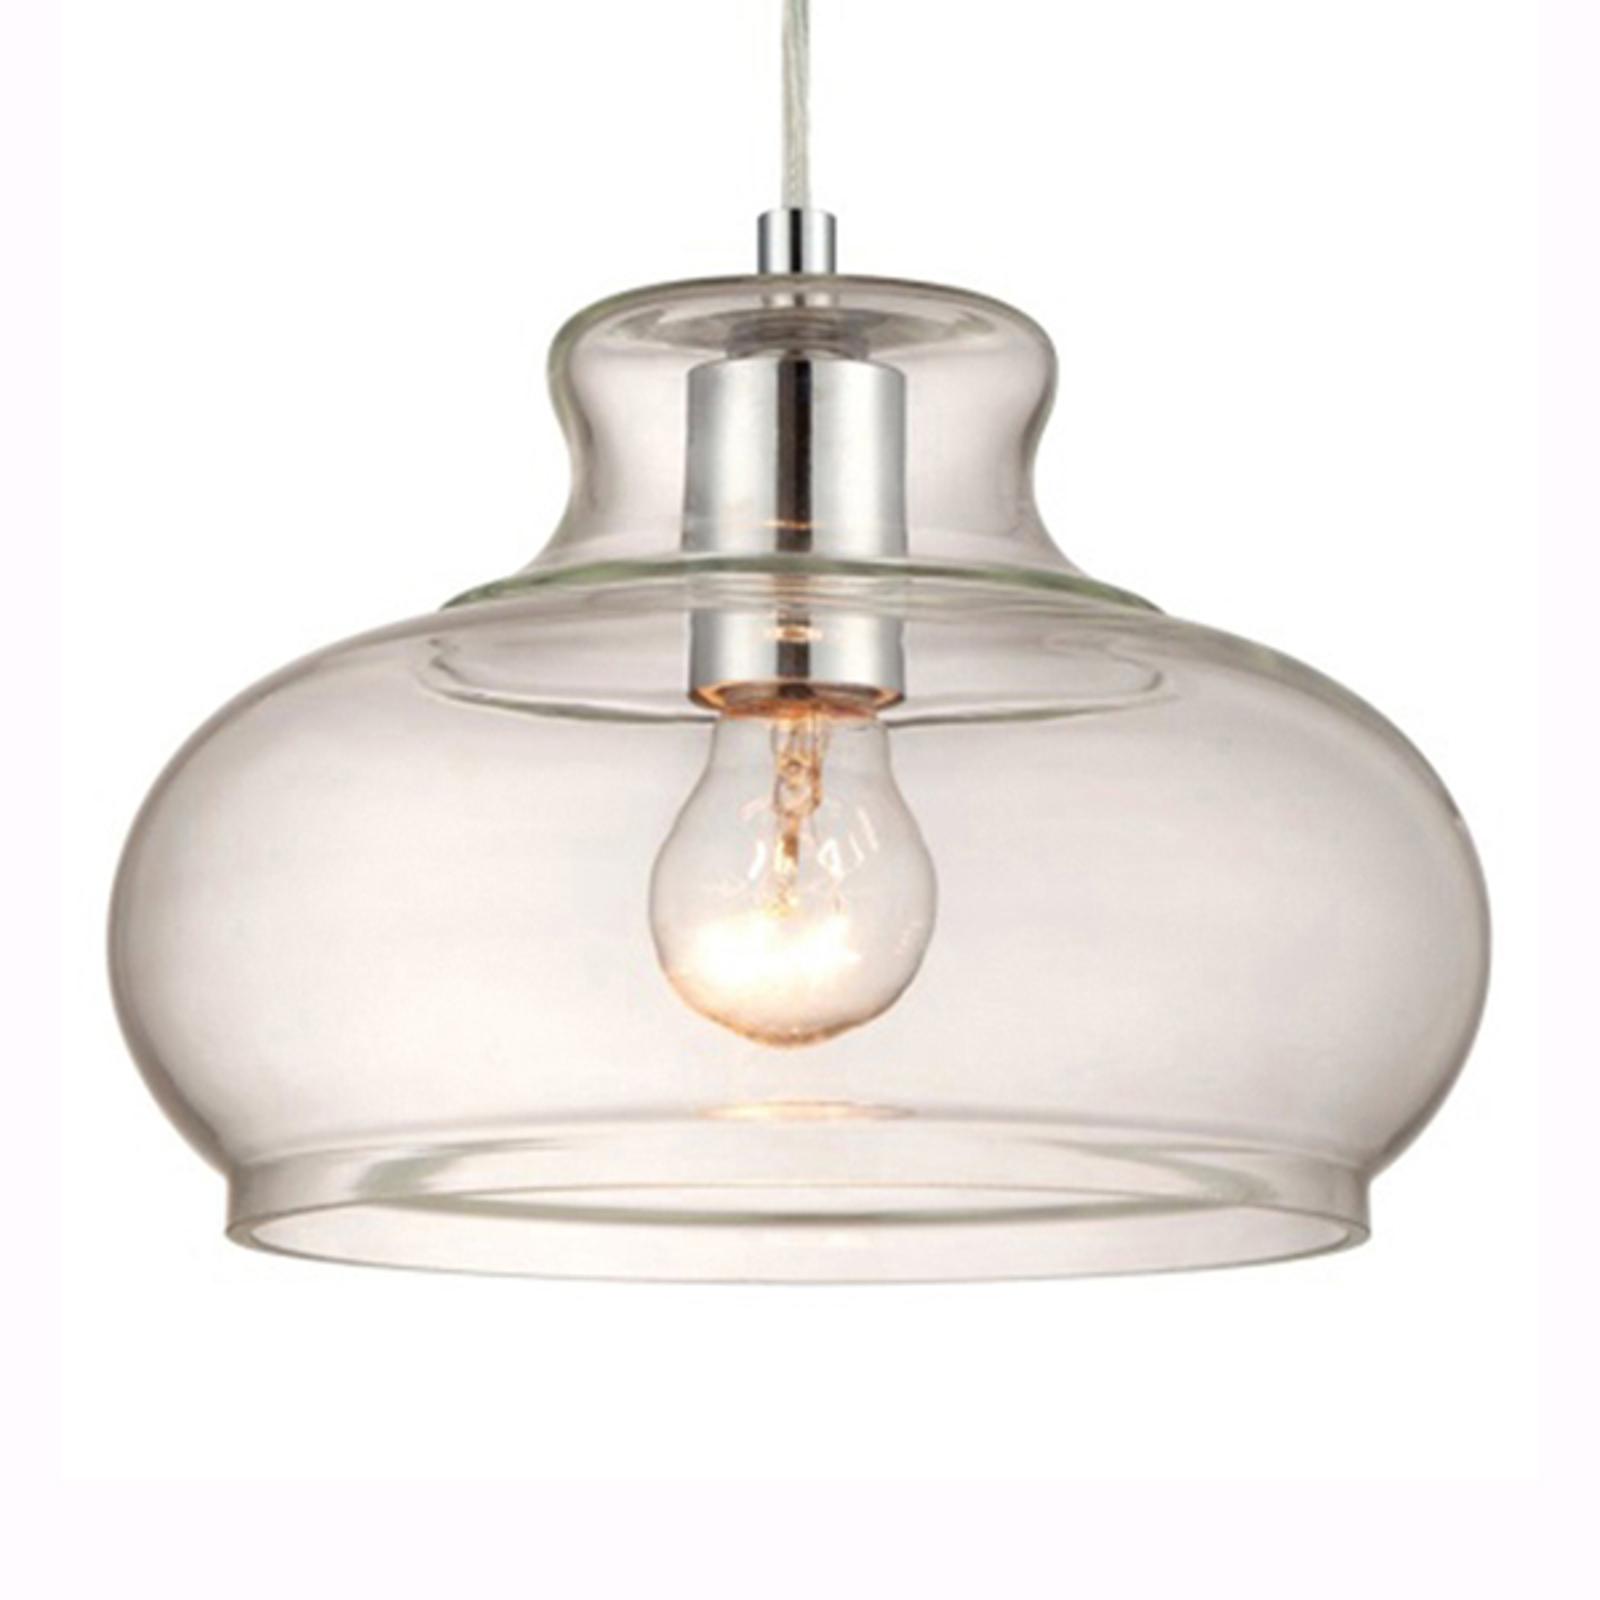 Westinghouse lampa wisząca 6345840 szklany klosz